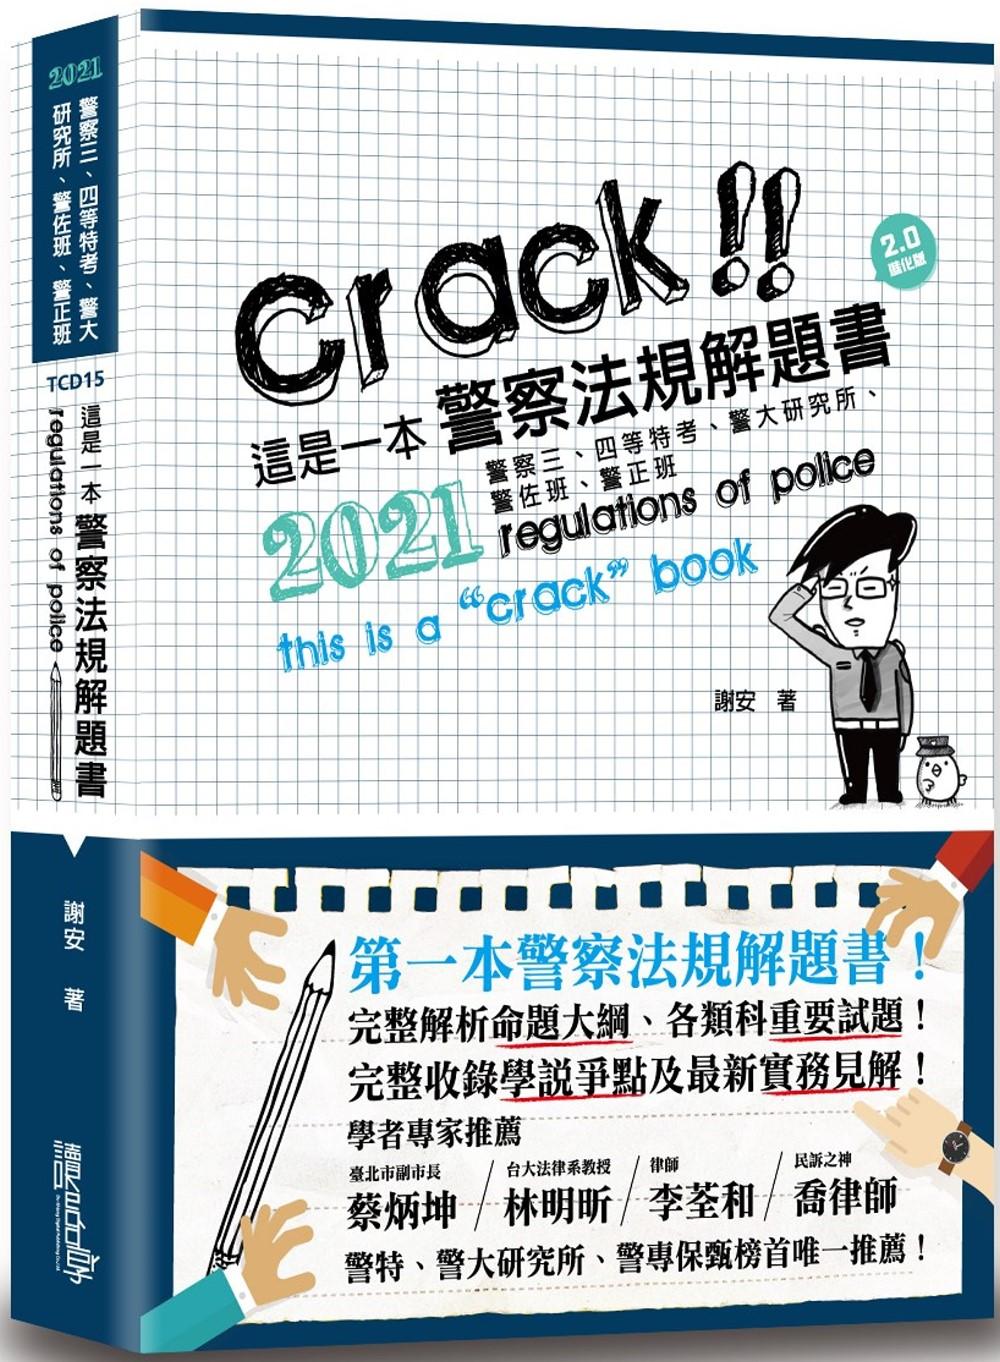 這是一本警察法規解題書(4版)